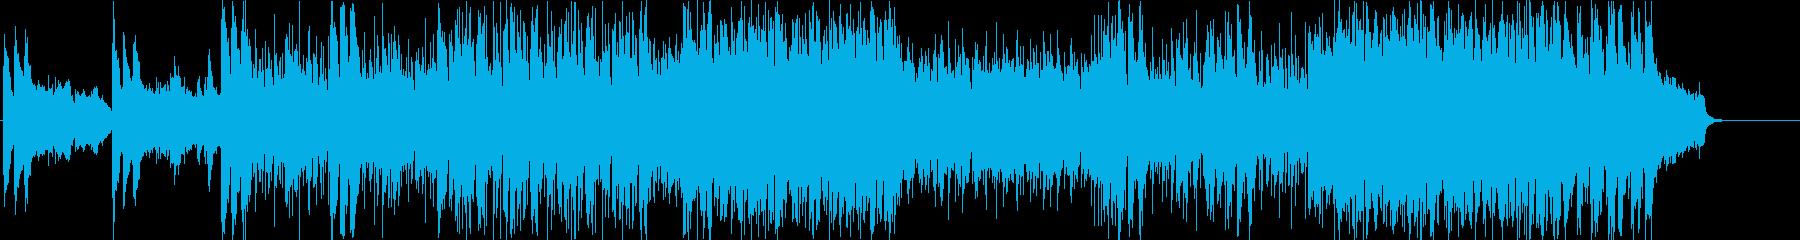 都会 緊張 慌ただしい スピード 追跡の再生済みの波形